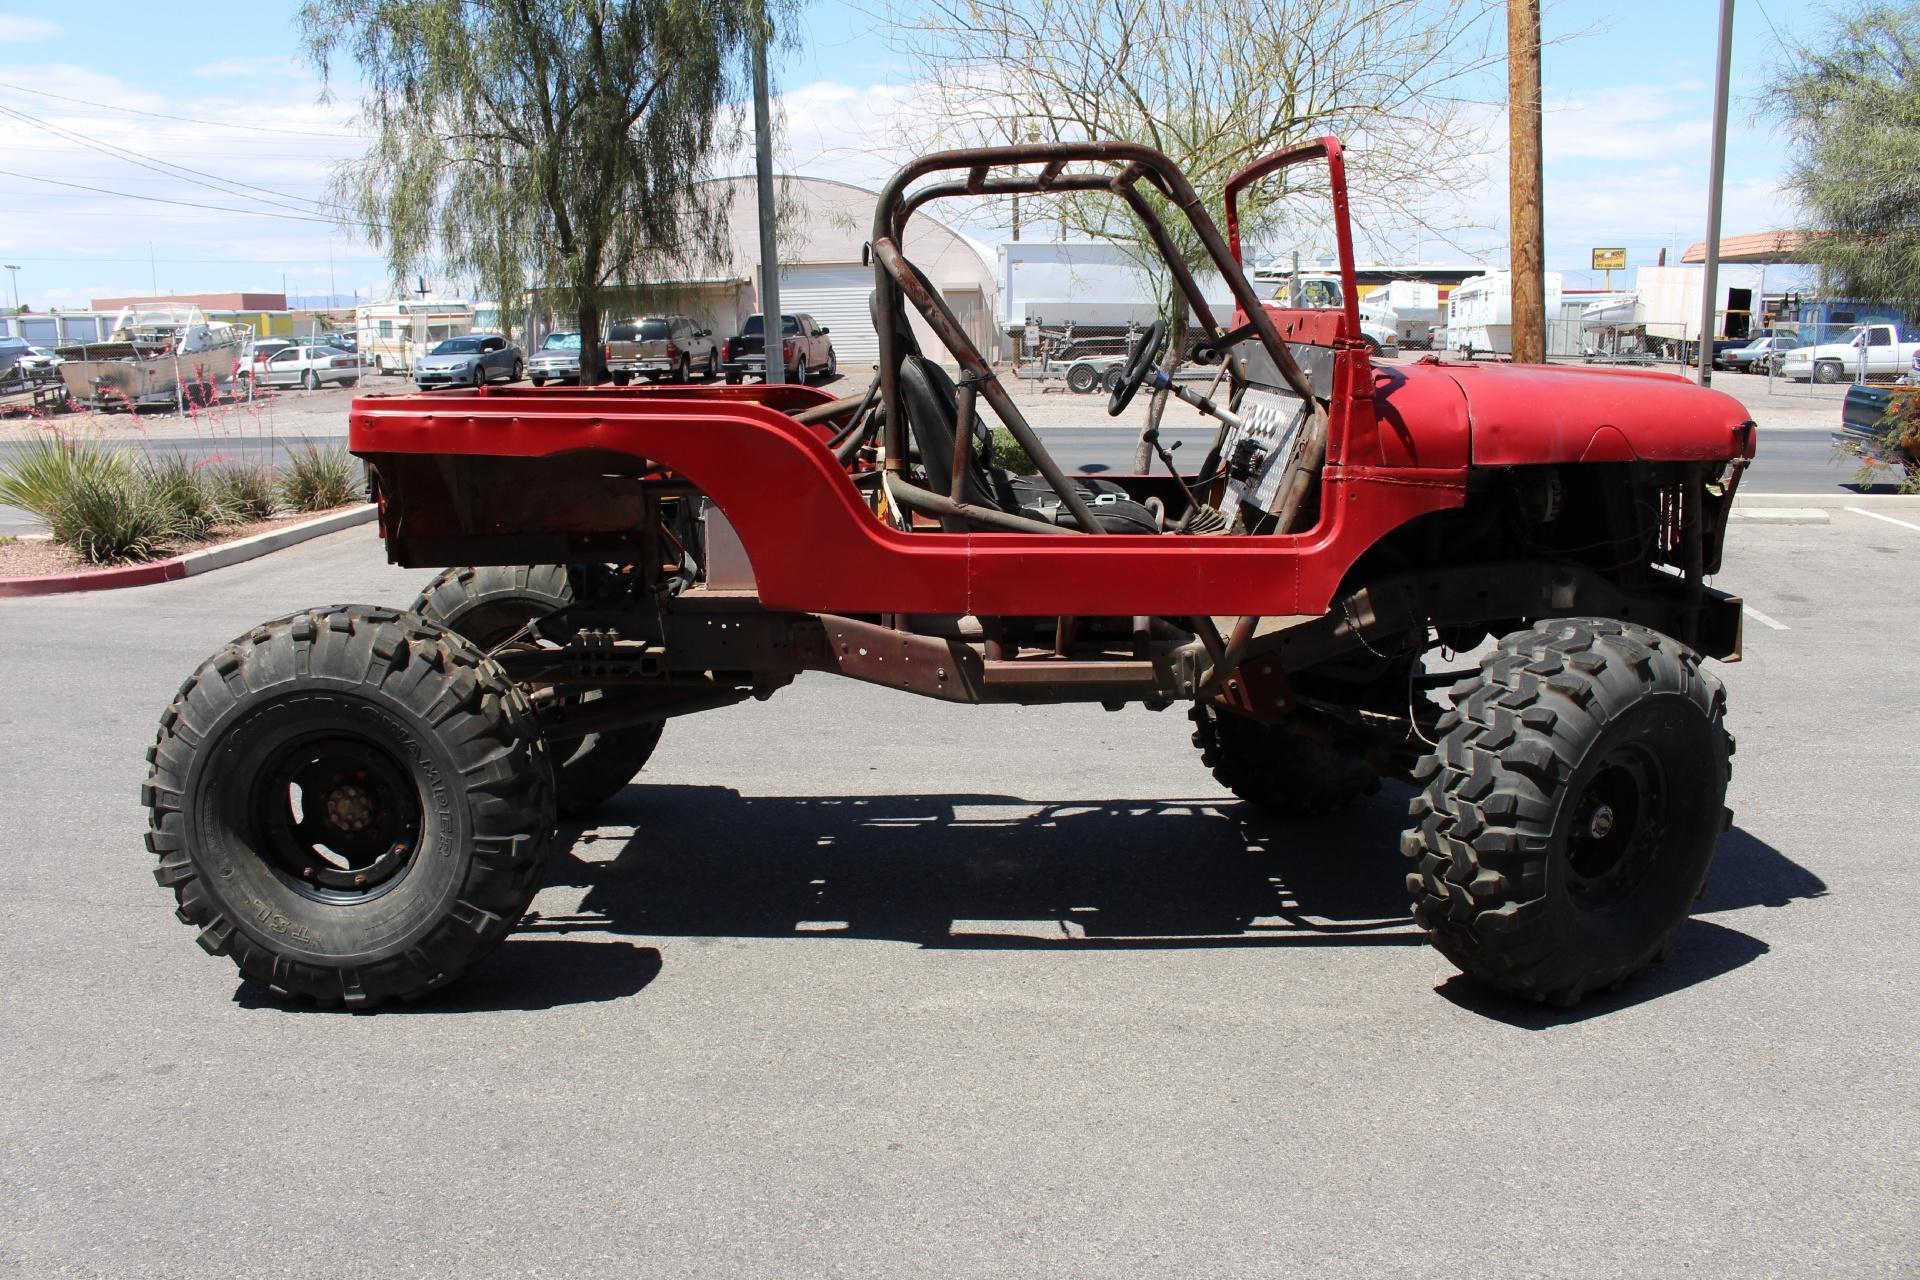 2004 Spcn Dune Buggy Rock Crawler Stock 15052vr For Sale Near San